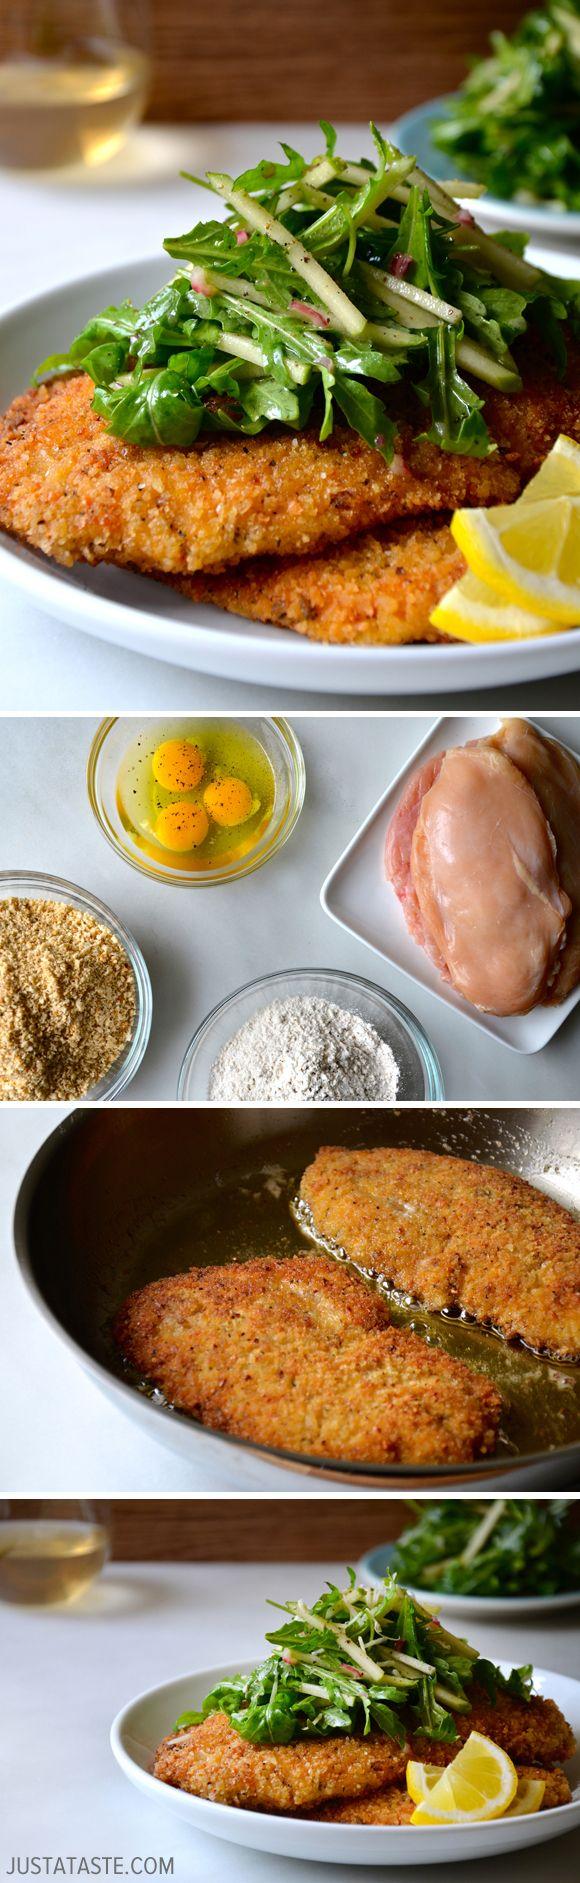 Milanesa de pollo empanizada con ensalada de espinacas